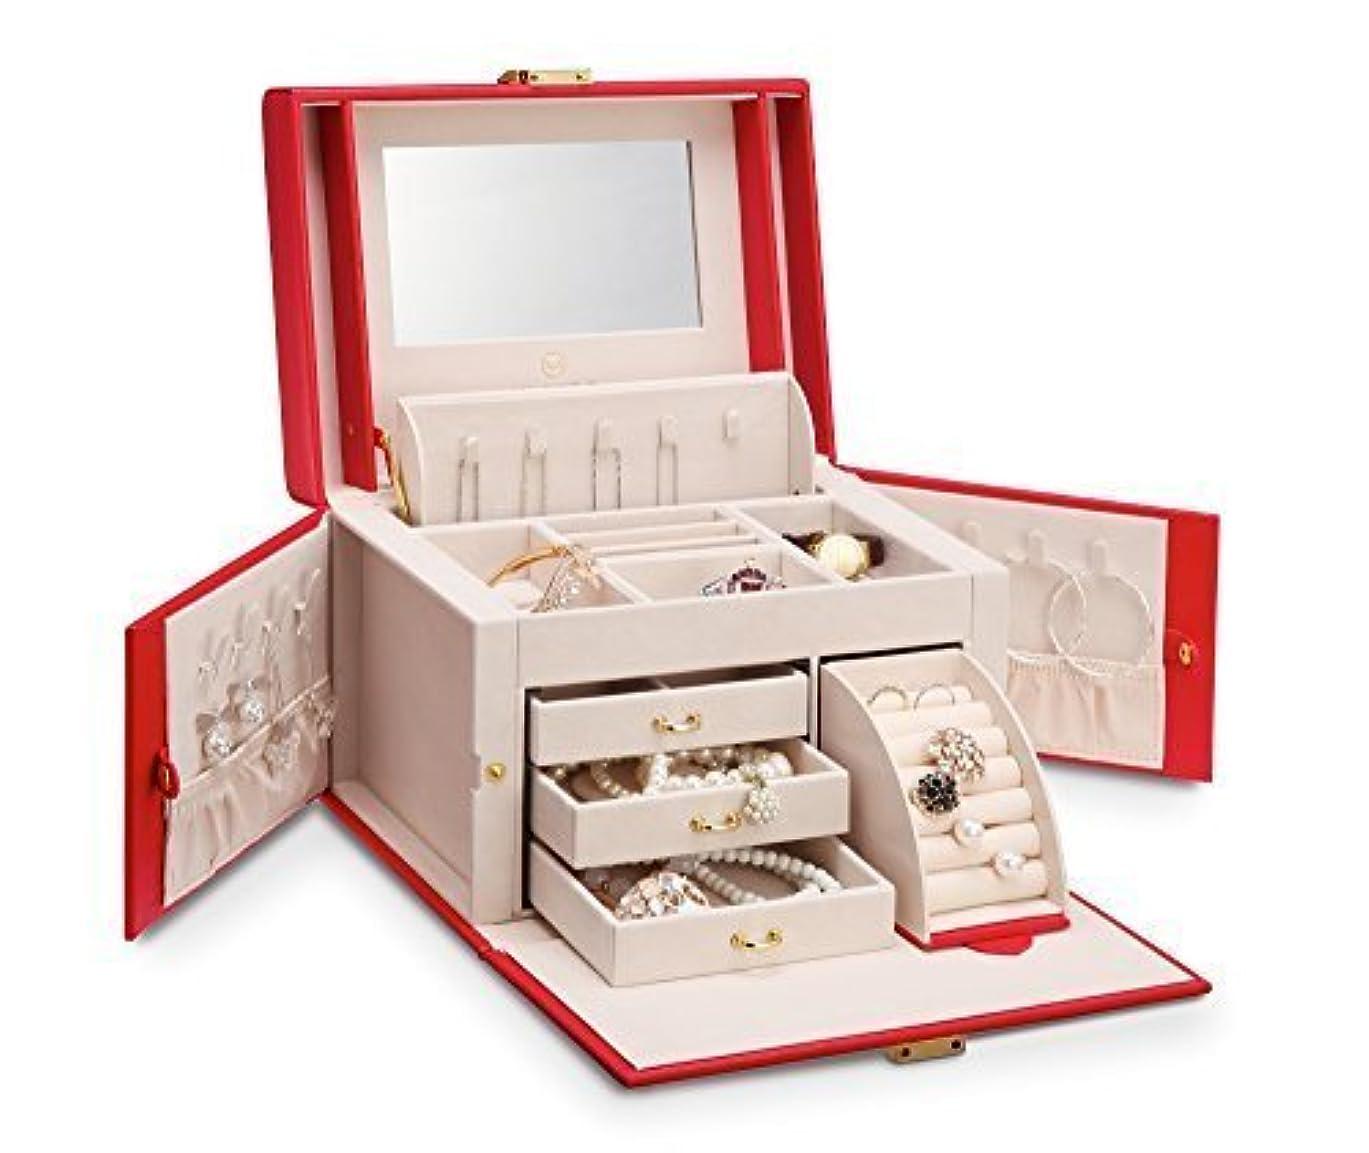 大洪水前に先祖Vlando ジュエリーボックス 収納 アクセサリーケース 大容量の宝石箱 ミラー 鏡付き ピアス ネックレス 指輪 リング アクセサリー 指輪置き ジュエリーバッグ 6色 (赤)